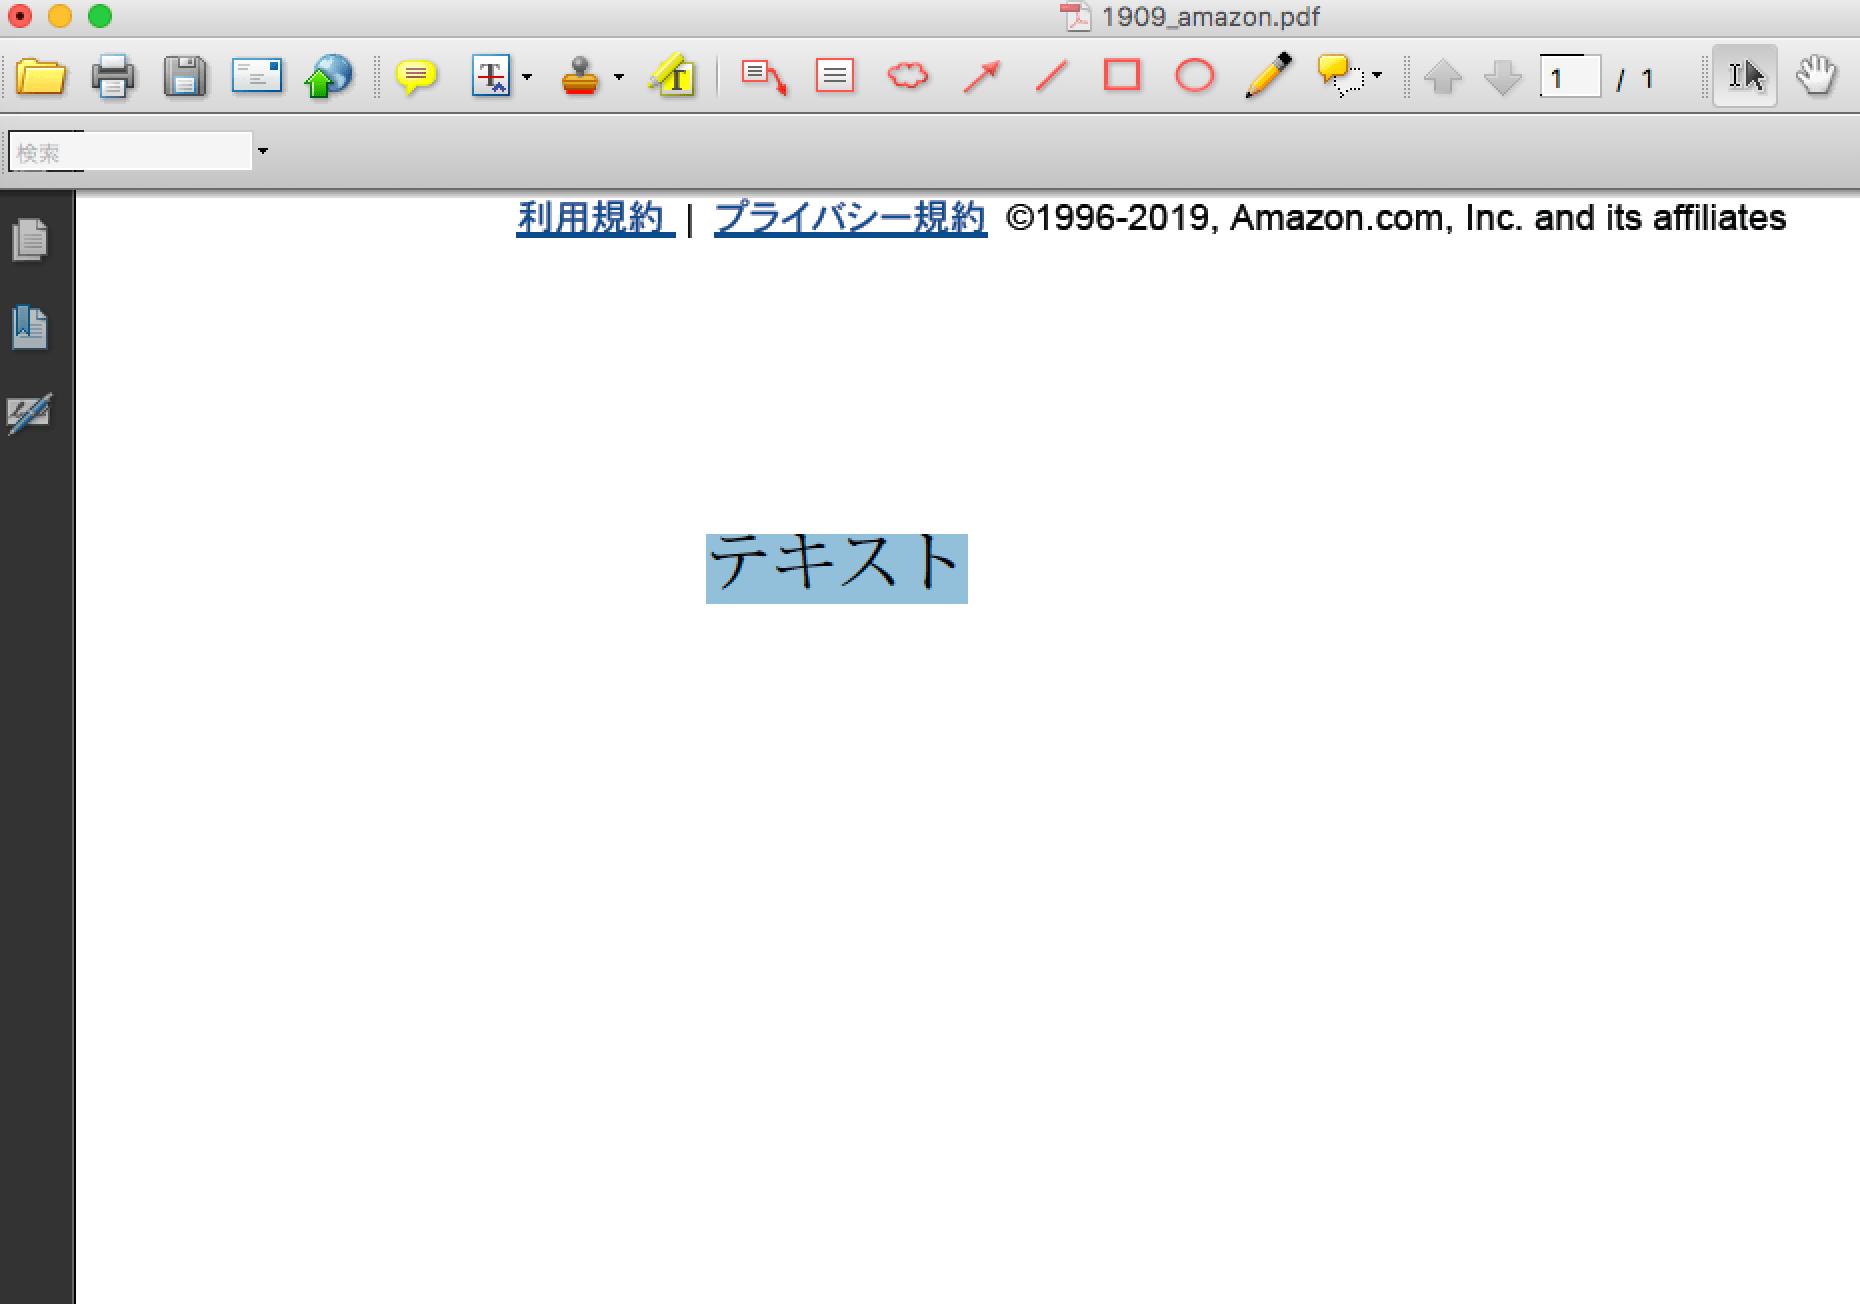 pdf pro テキストボックス文字色